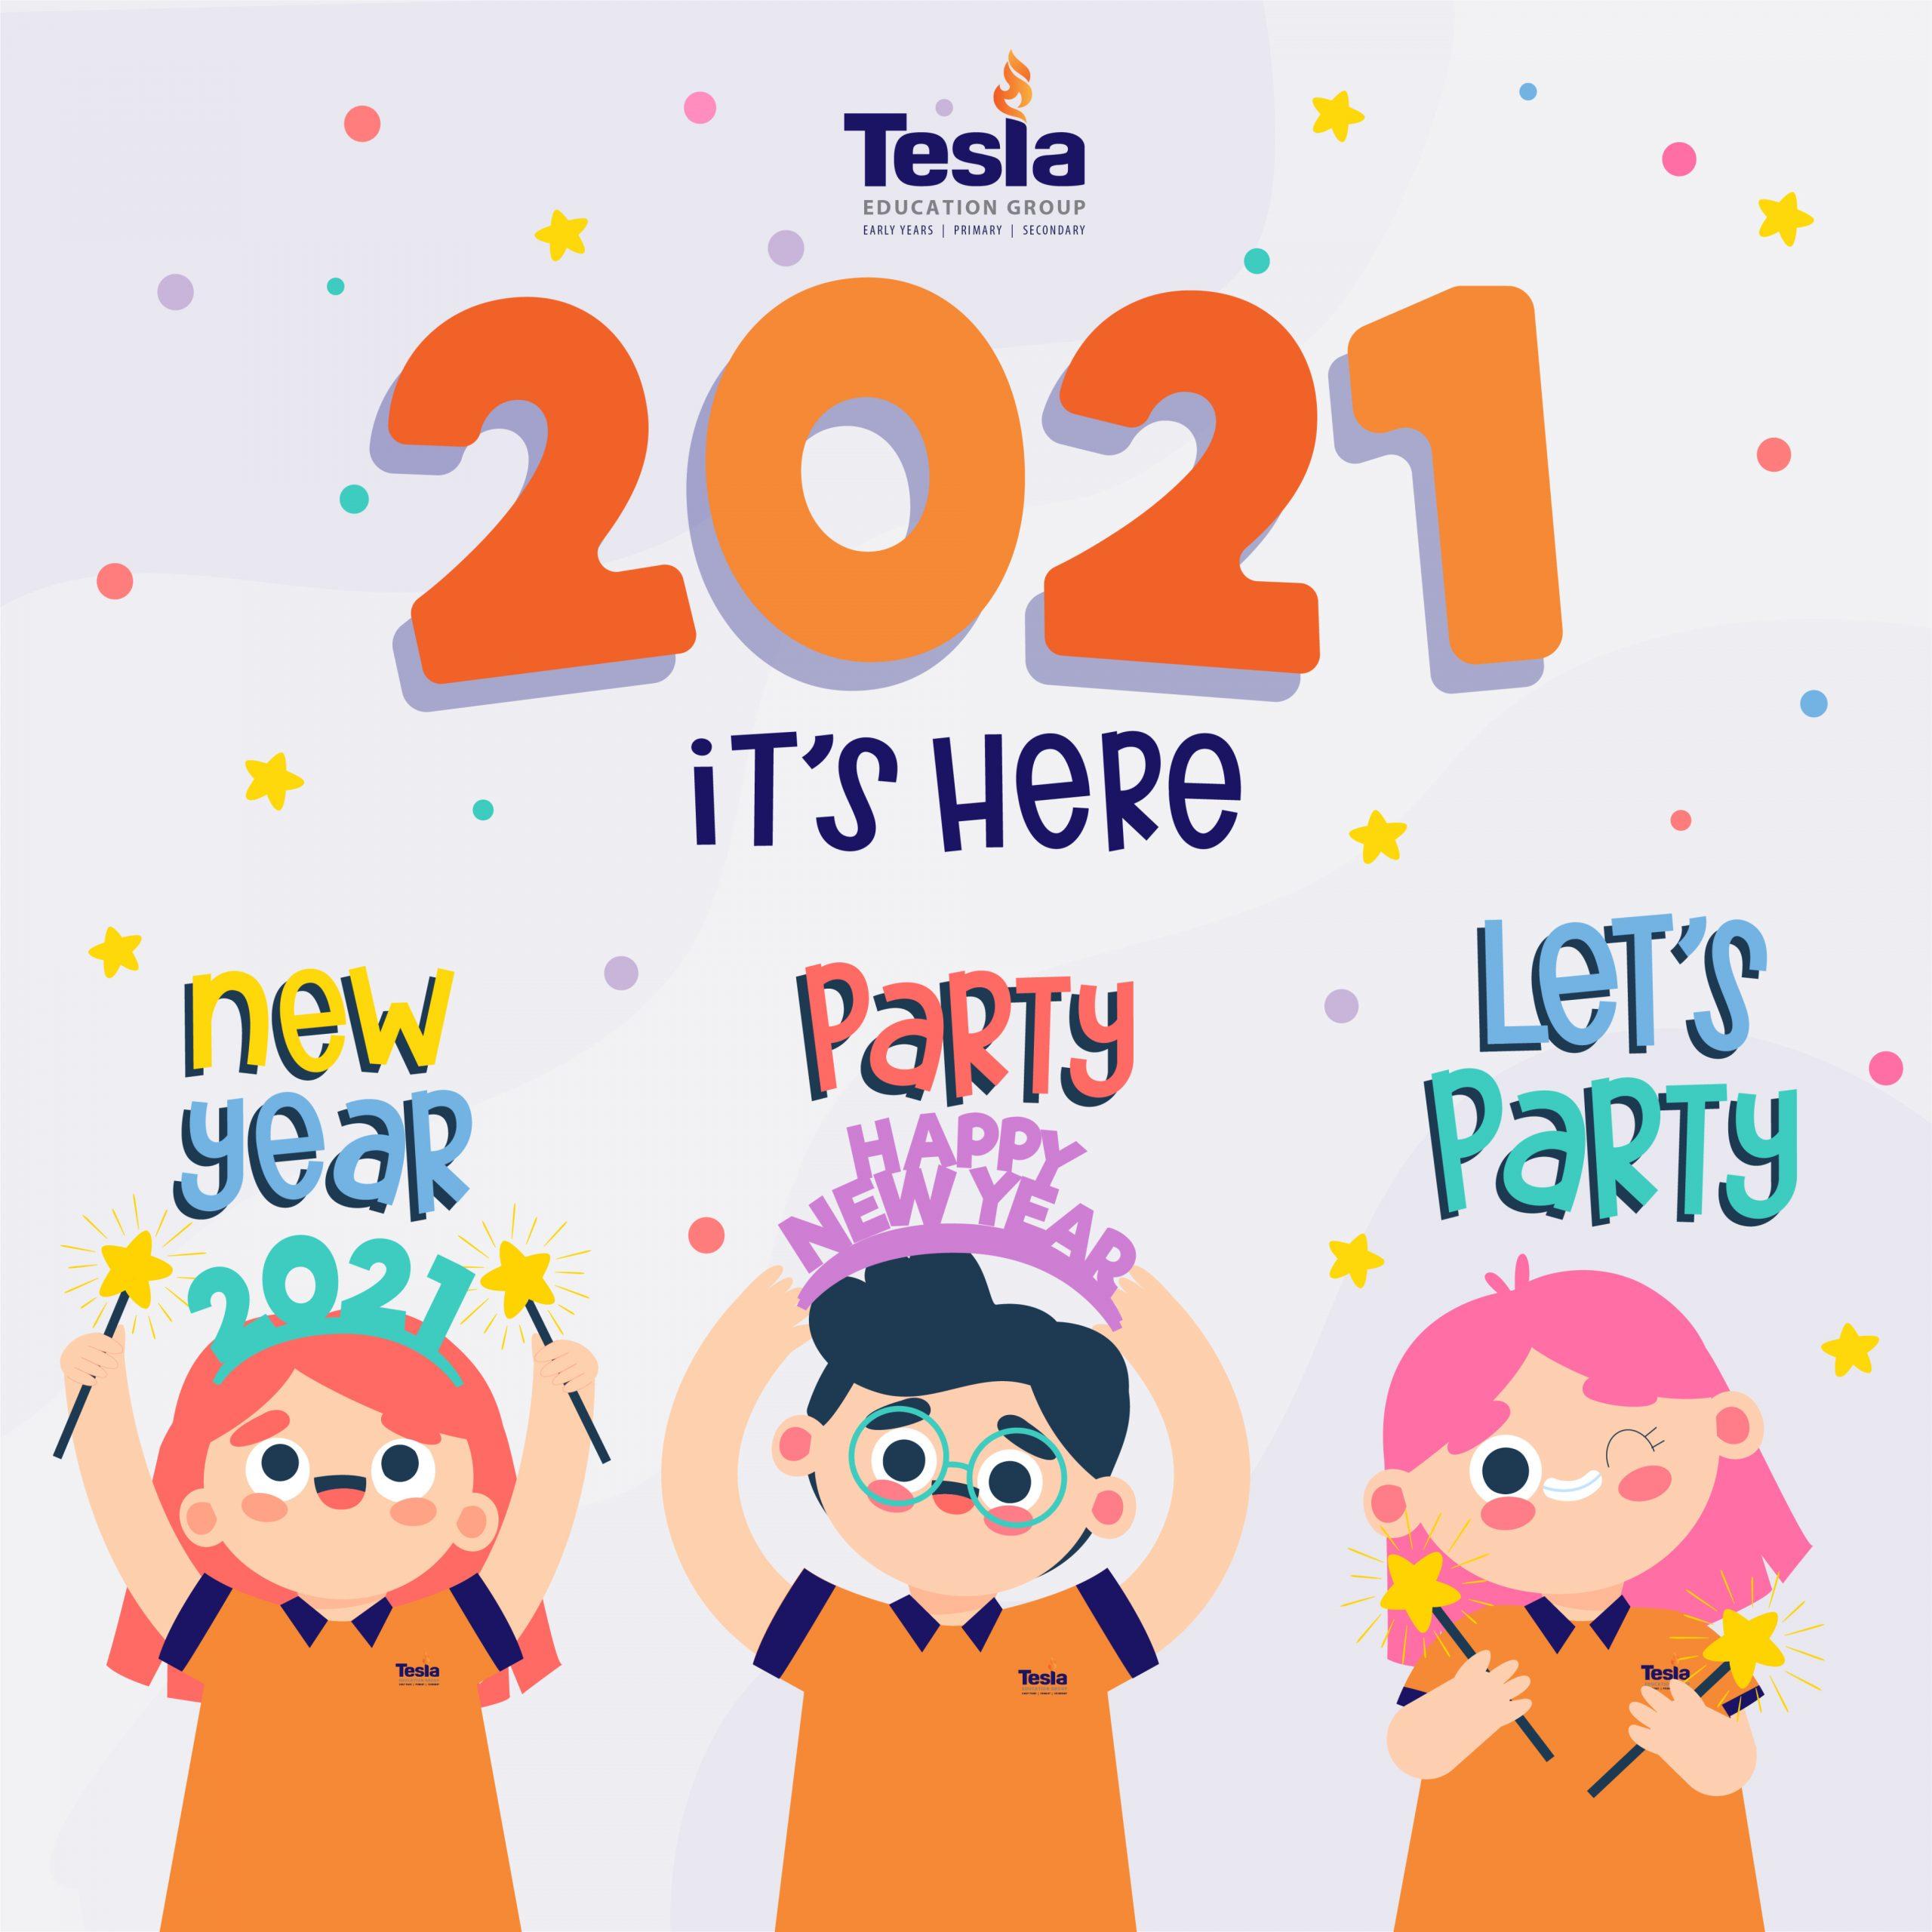 Tesla Talk Tuần 01/01/2021